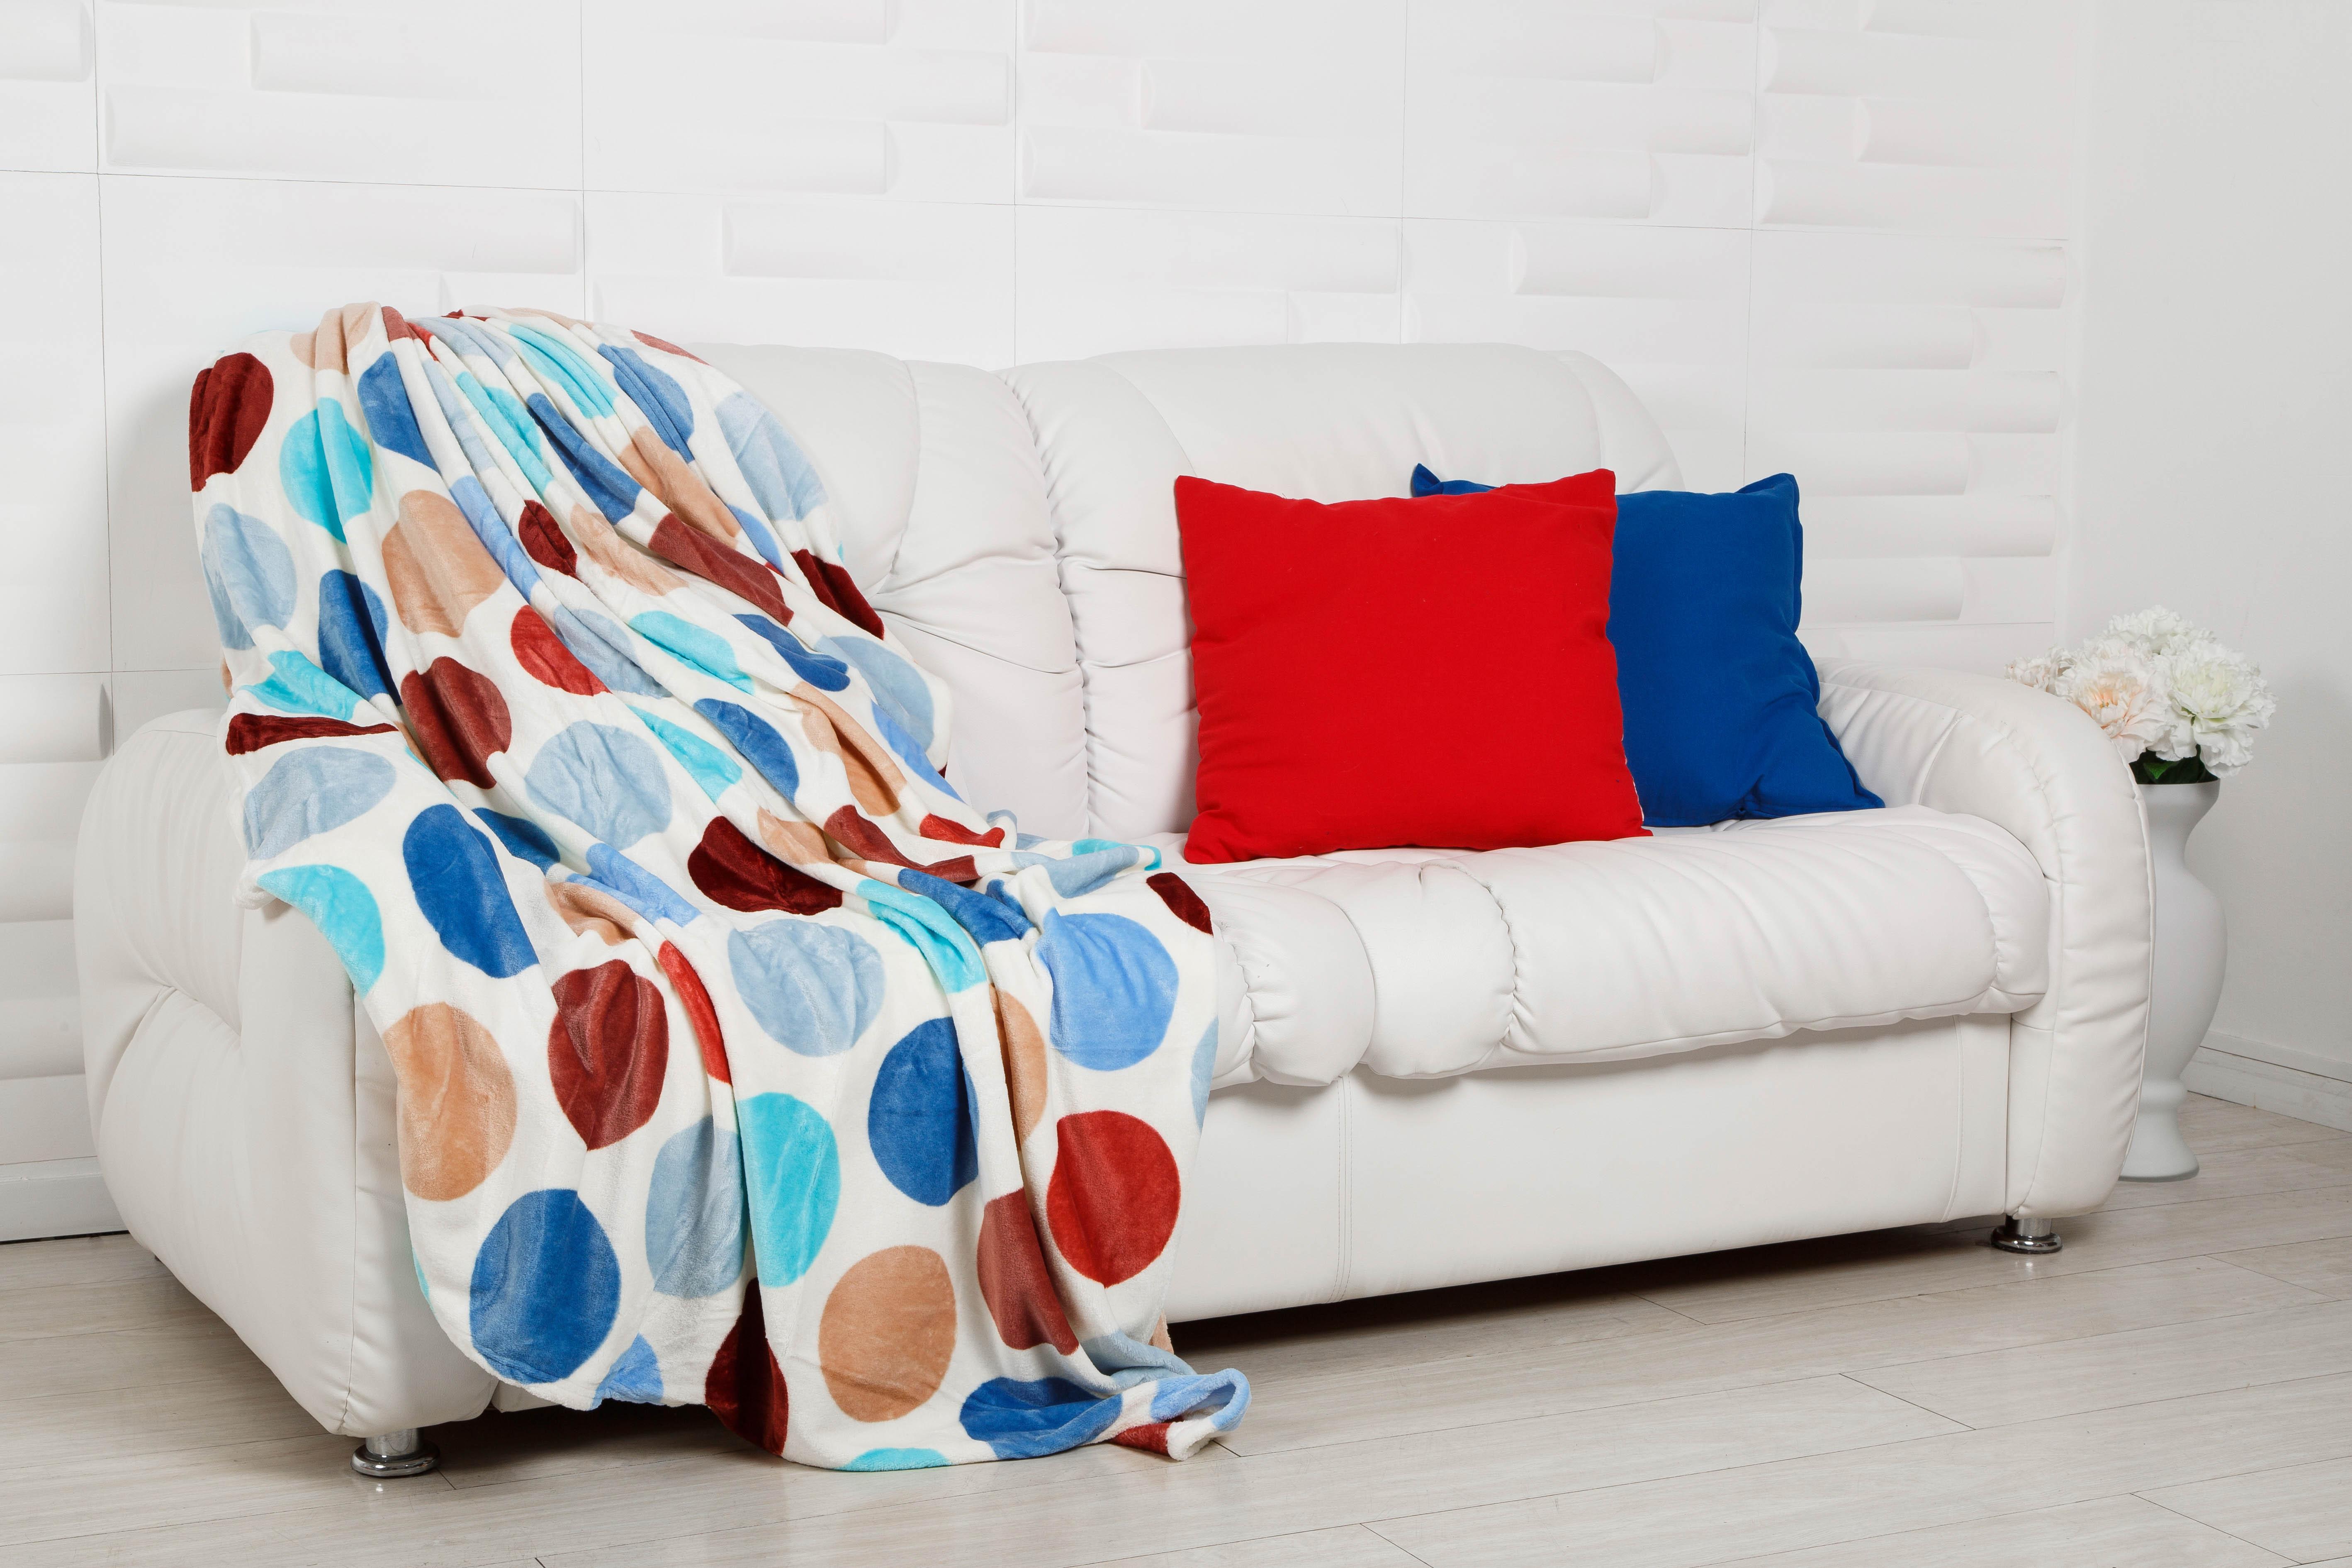 Плед HONGDA TEXTILE Плед Орнамент Цвет: Гороховый Светофор (180х200 см) пледы hongda textile лань ворсистый плед 270 г м2